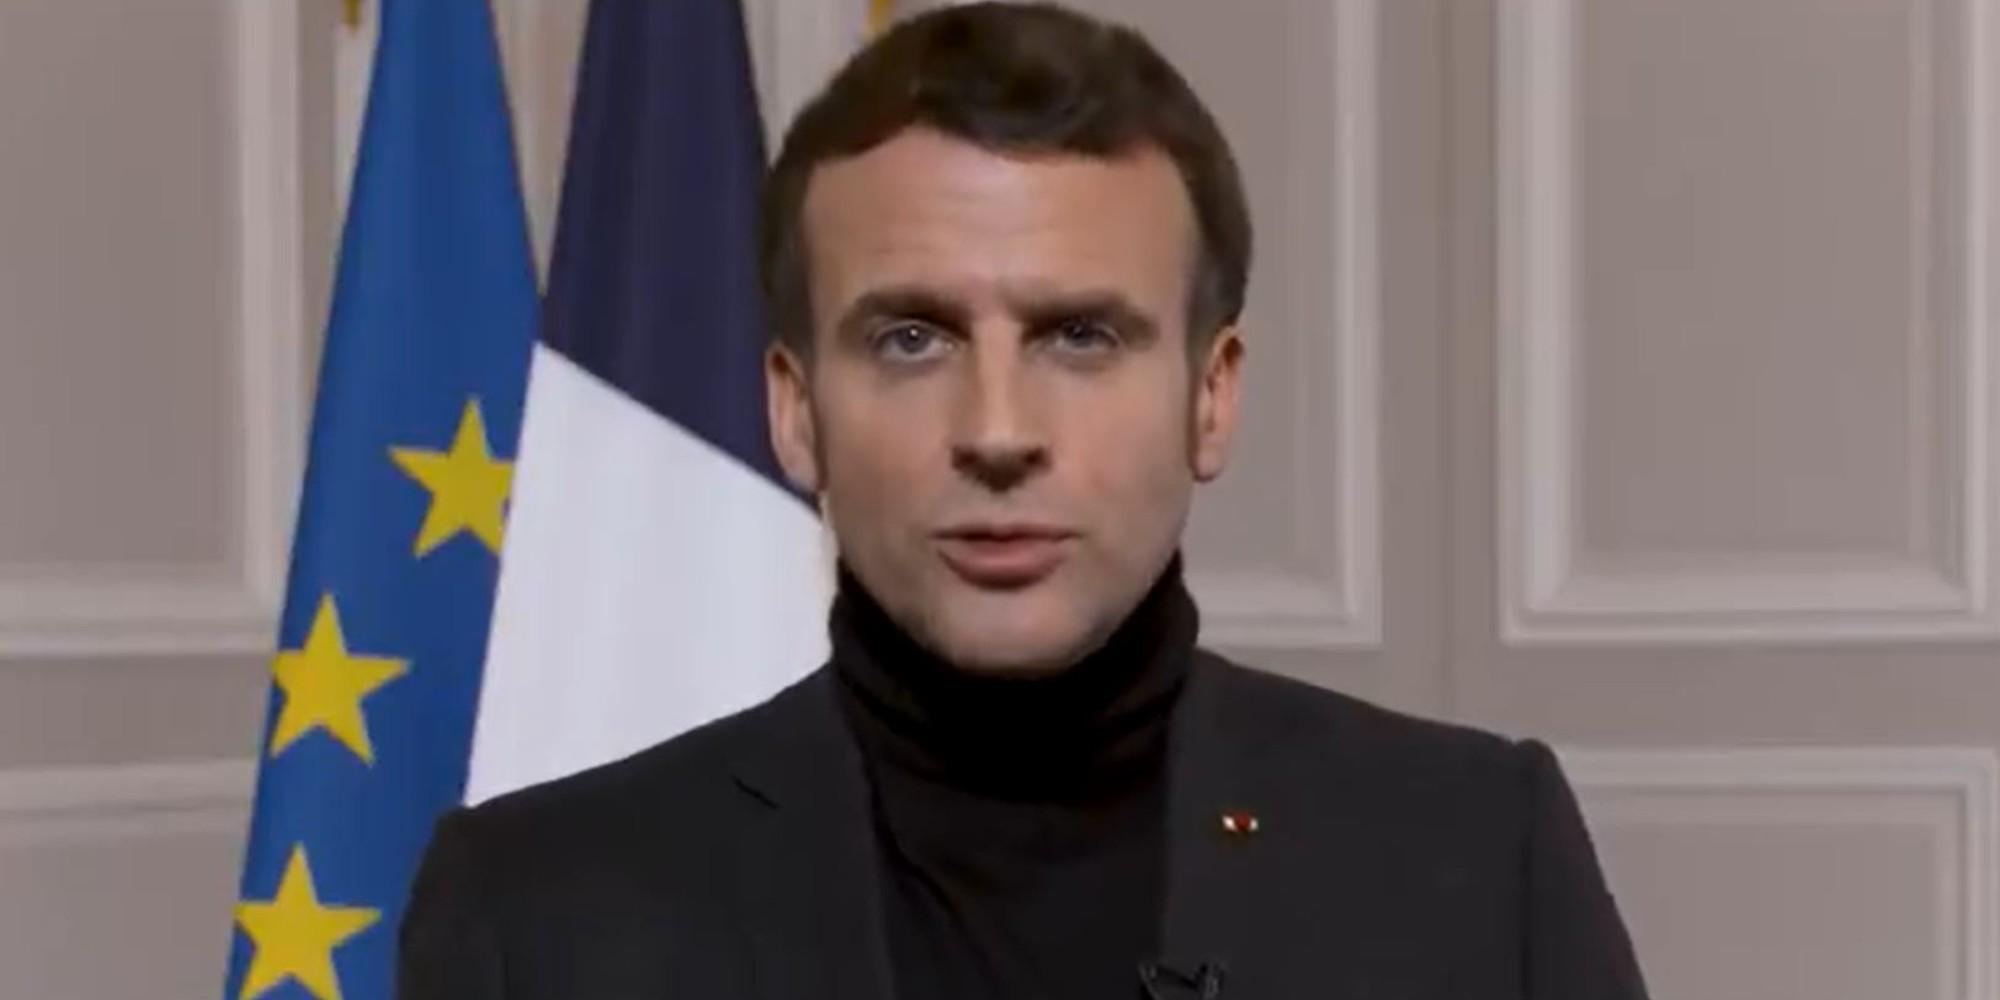 """Macron aux victimes de violences sexuelles sur les enfants : """"Vous ne serez plus jamais seules"""""""